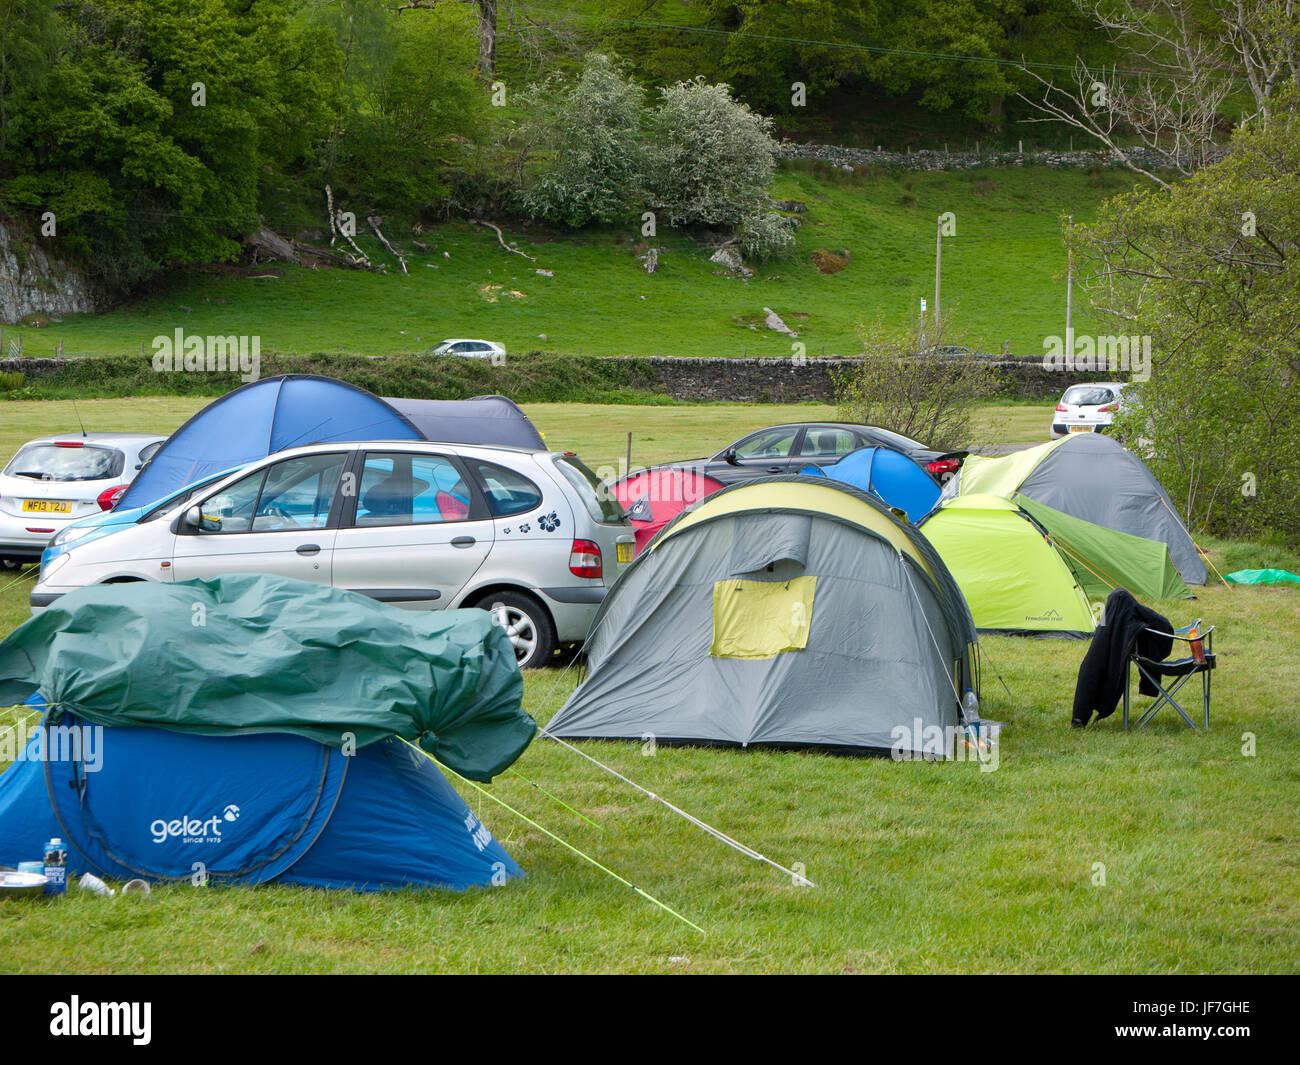 Tentes dans un camping dans le Nord du Pays de Galles, Royaume-Uni. Photo Stock